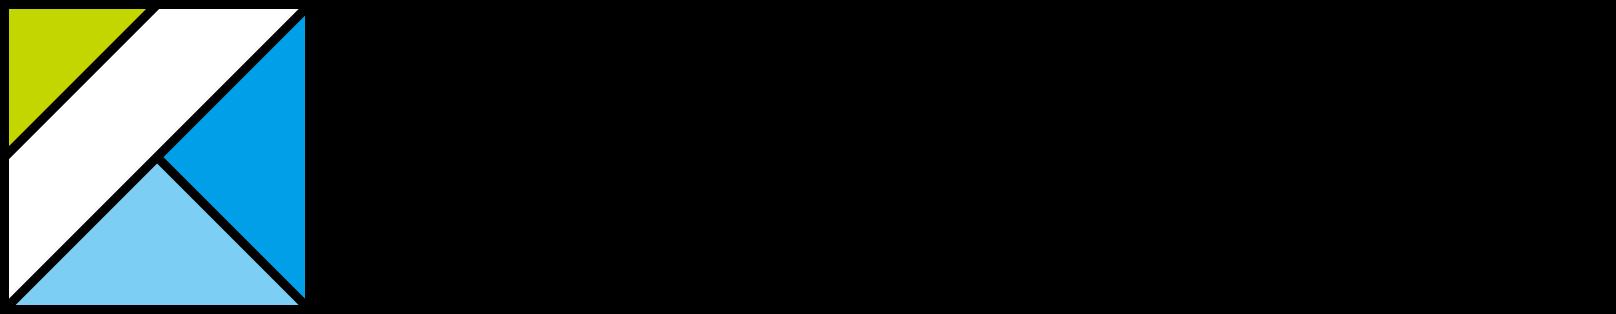 くおん経営(岐阜県を中心に活動する中小企業診断士・ITコーディネータ)